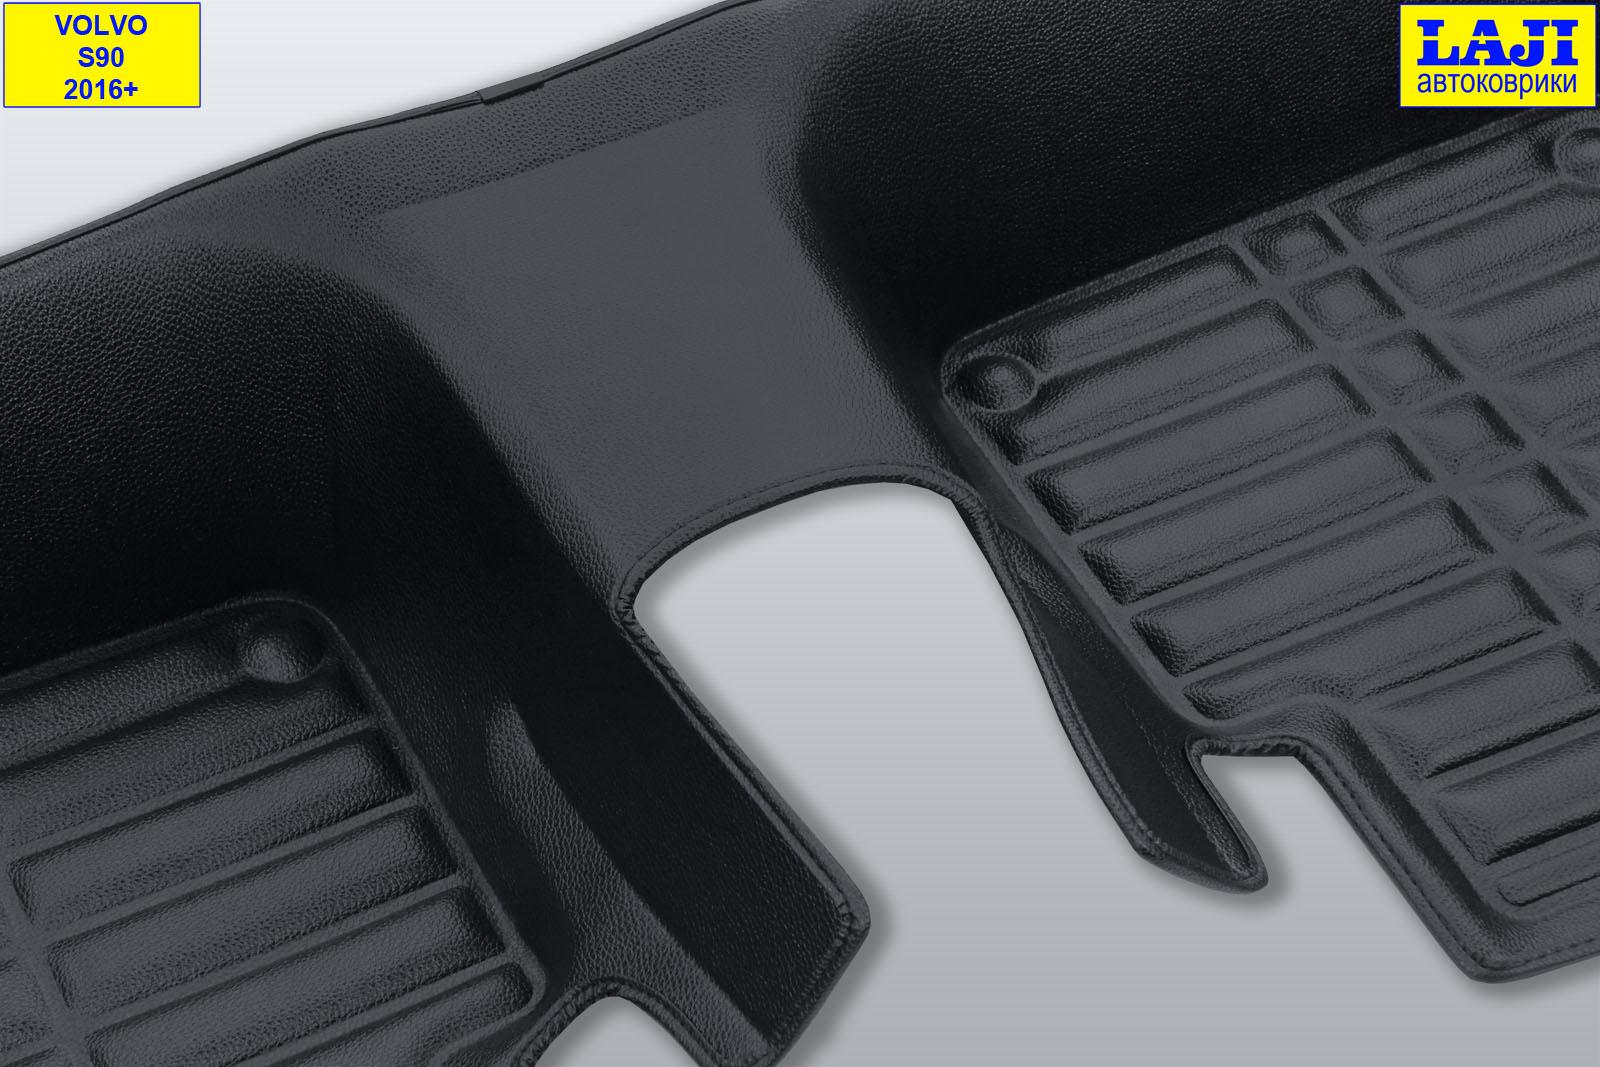 5D коврики в салон Volvo S90 II 2016-н.в. 11